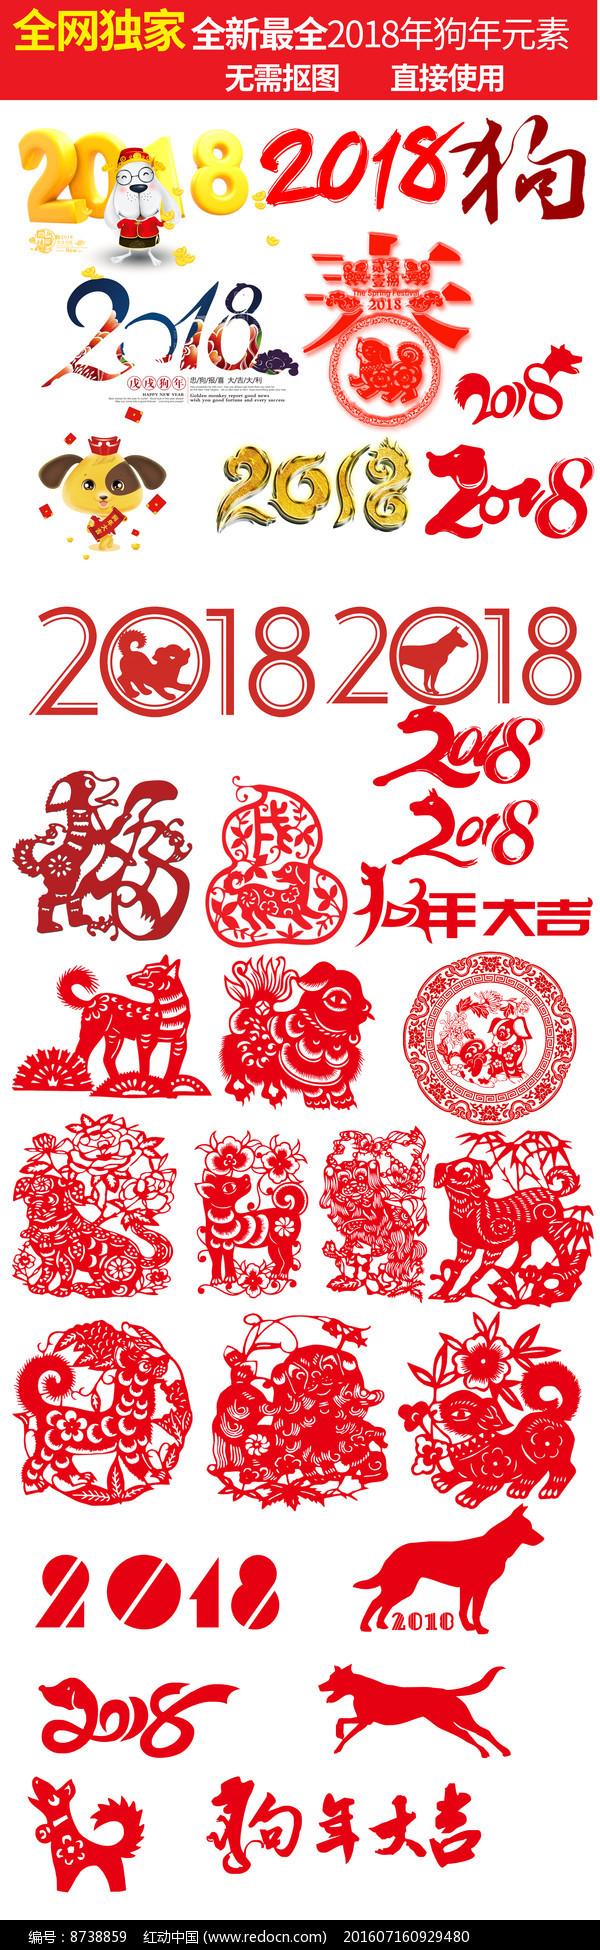 原创设计稿 节日素材 春节 2018年狗年剪纸艺术字  请您分享: 素材